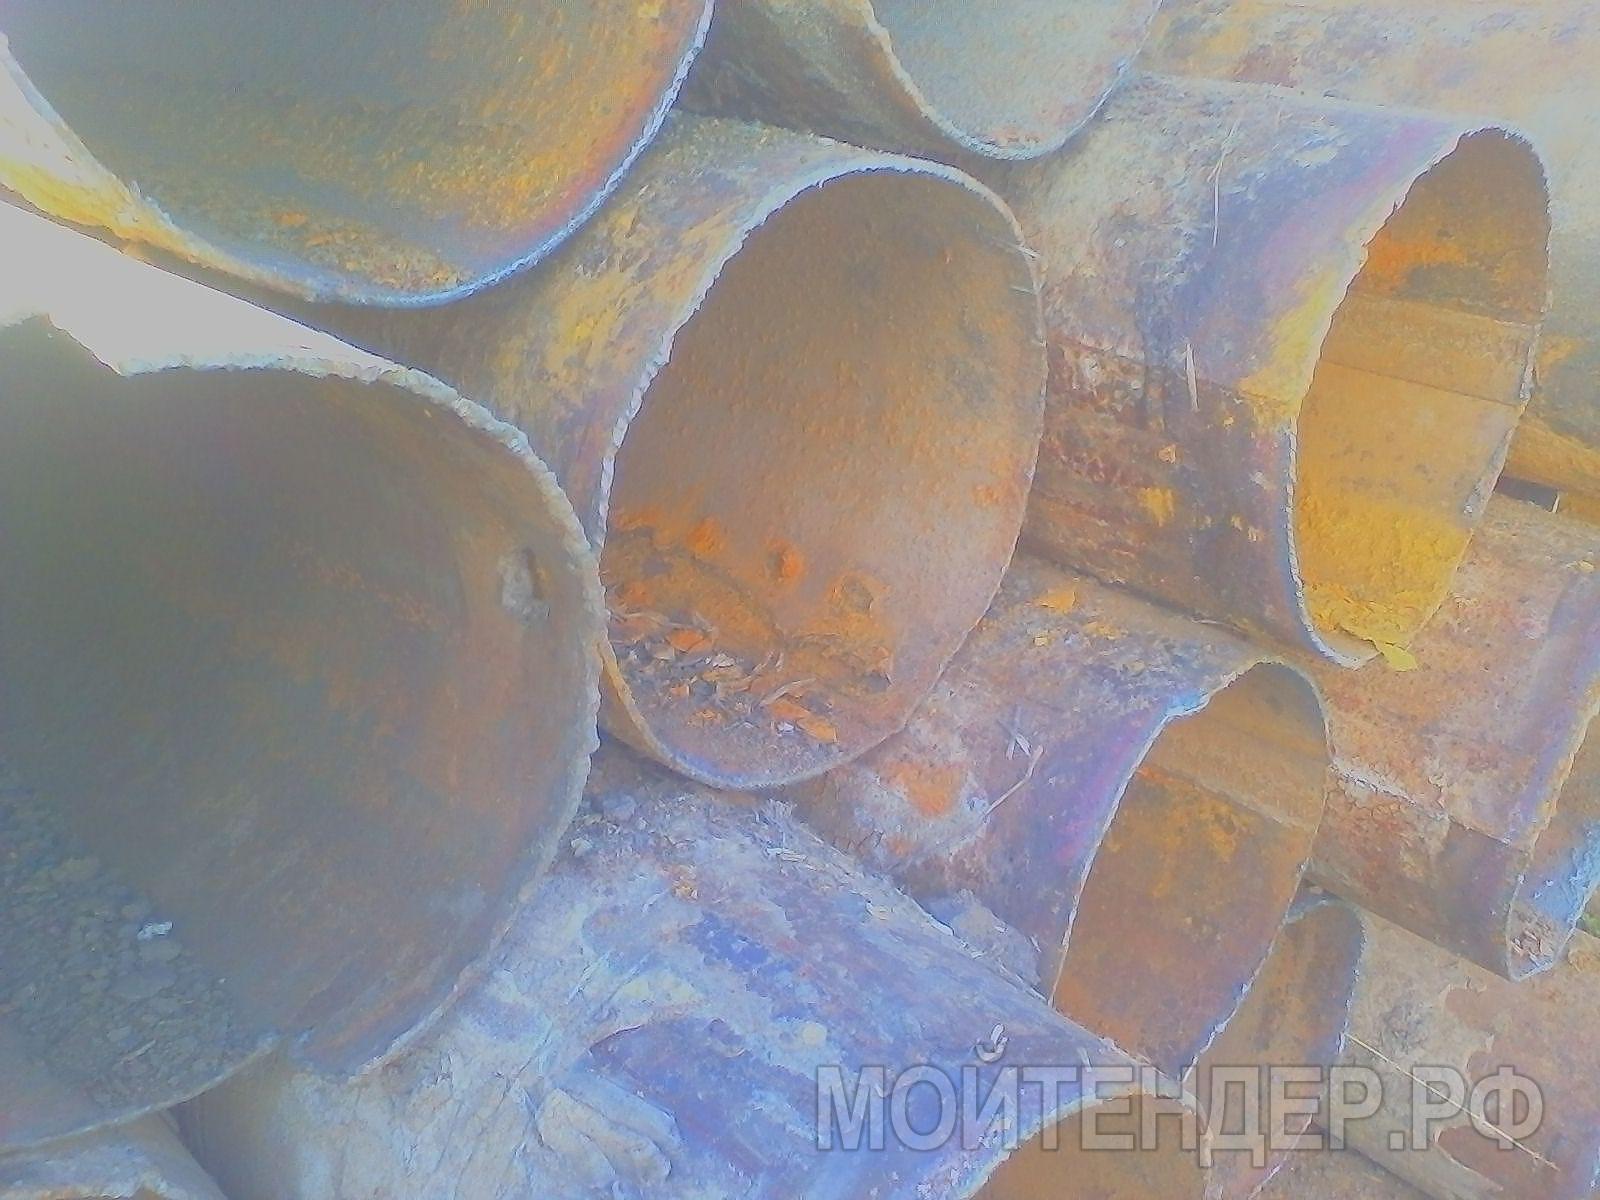 Мойтендер.рф-304-42-2626: Фото 1